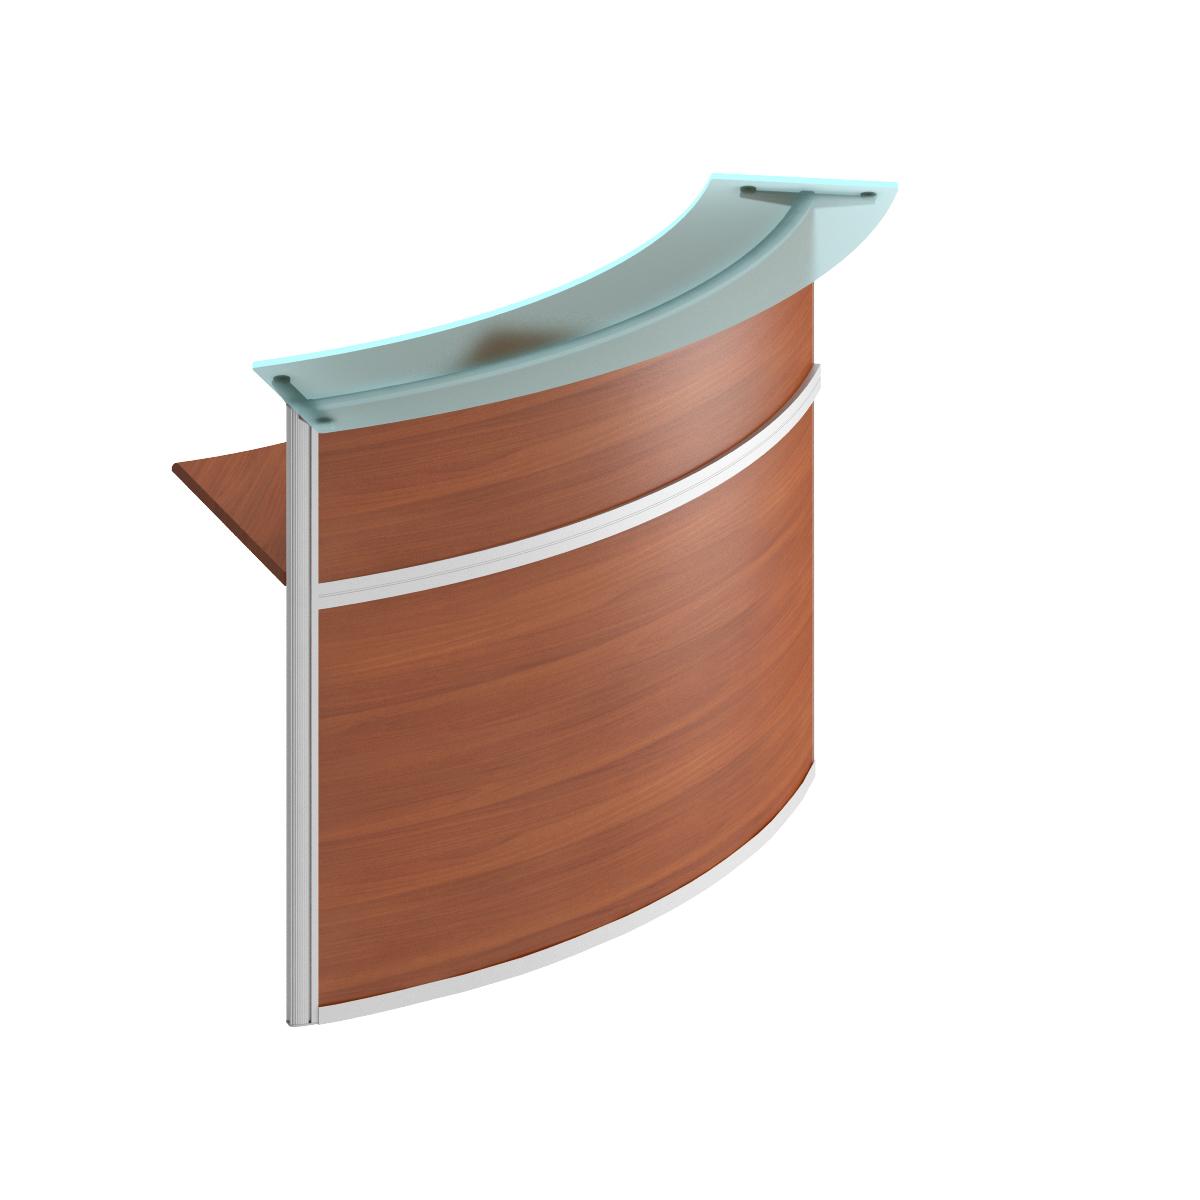 модуль стойки ресепшн со стеклом 60 градусов изогнутой наружу (без опор)